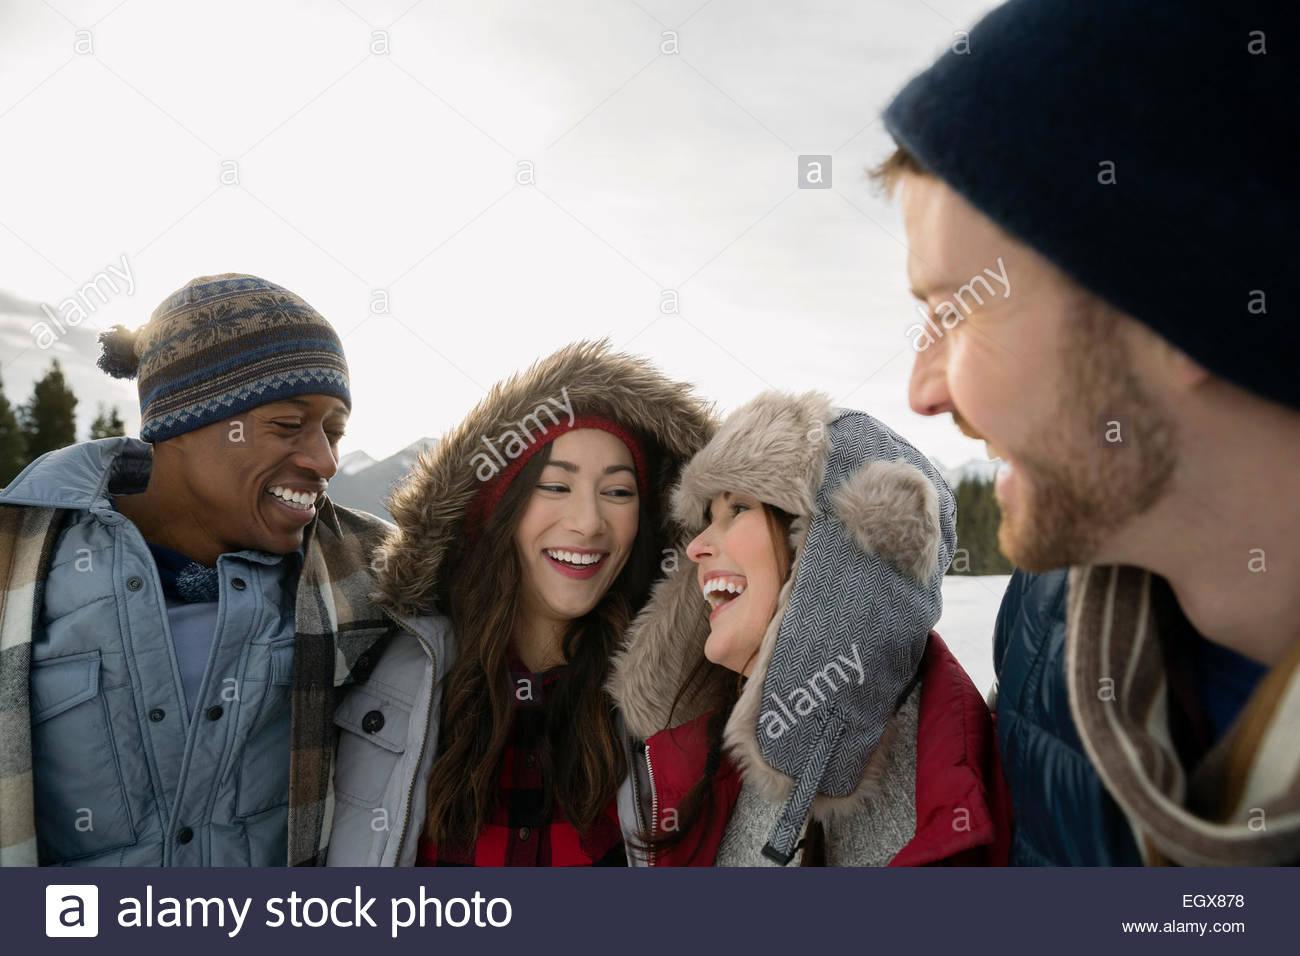 Coppie in abiti caldi ridendo all'aperto Immagini Stock